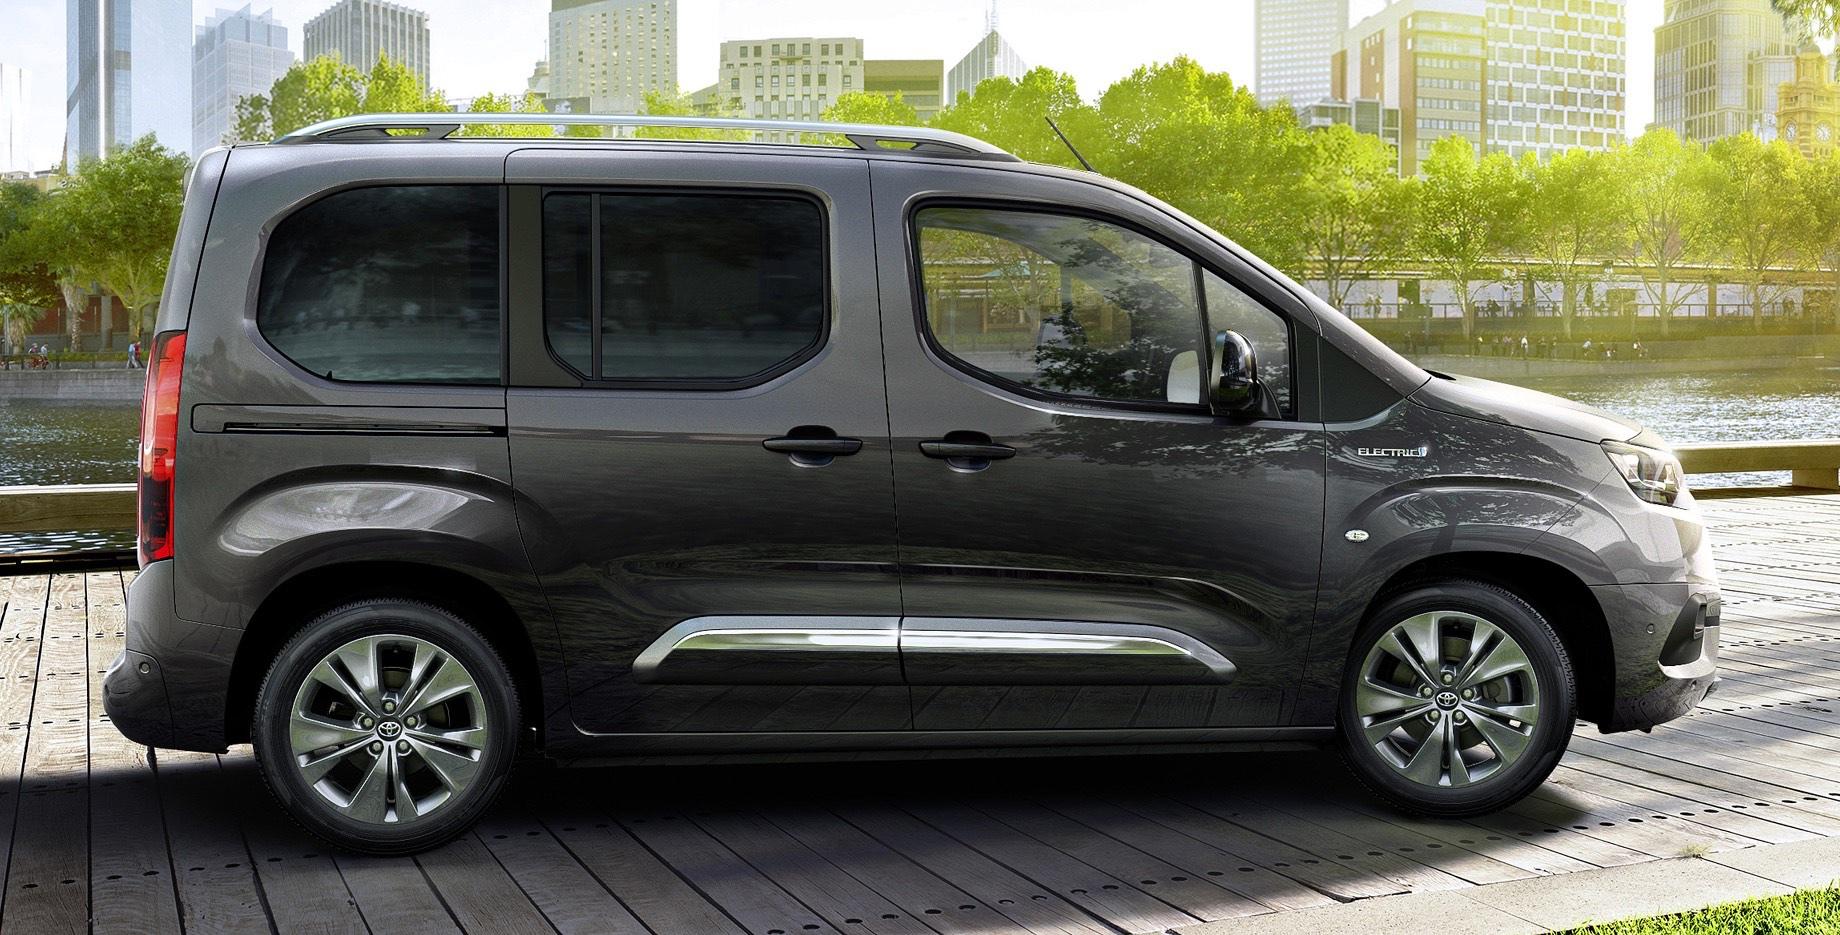 Модели Toyota Proace City Electric выйдут на рынок в конце года